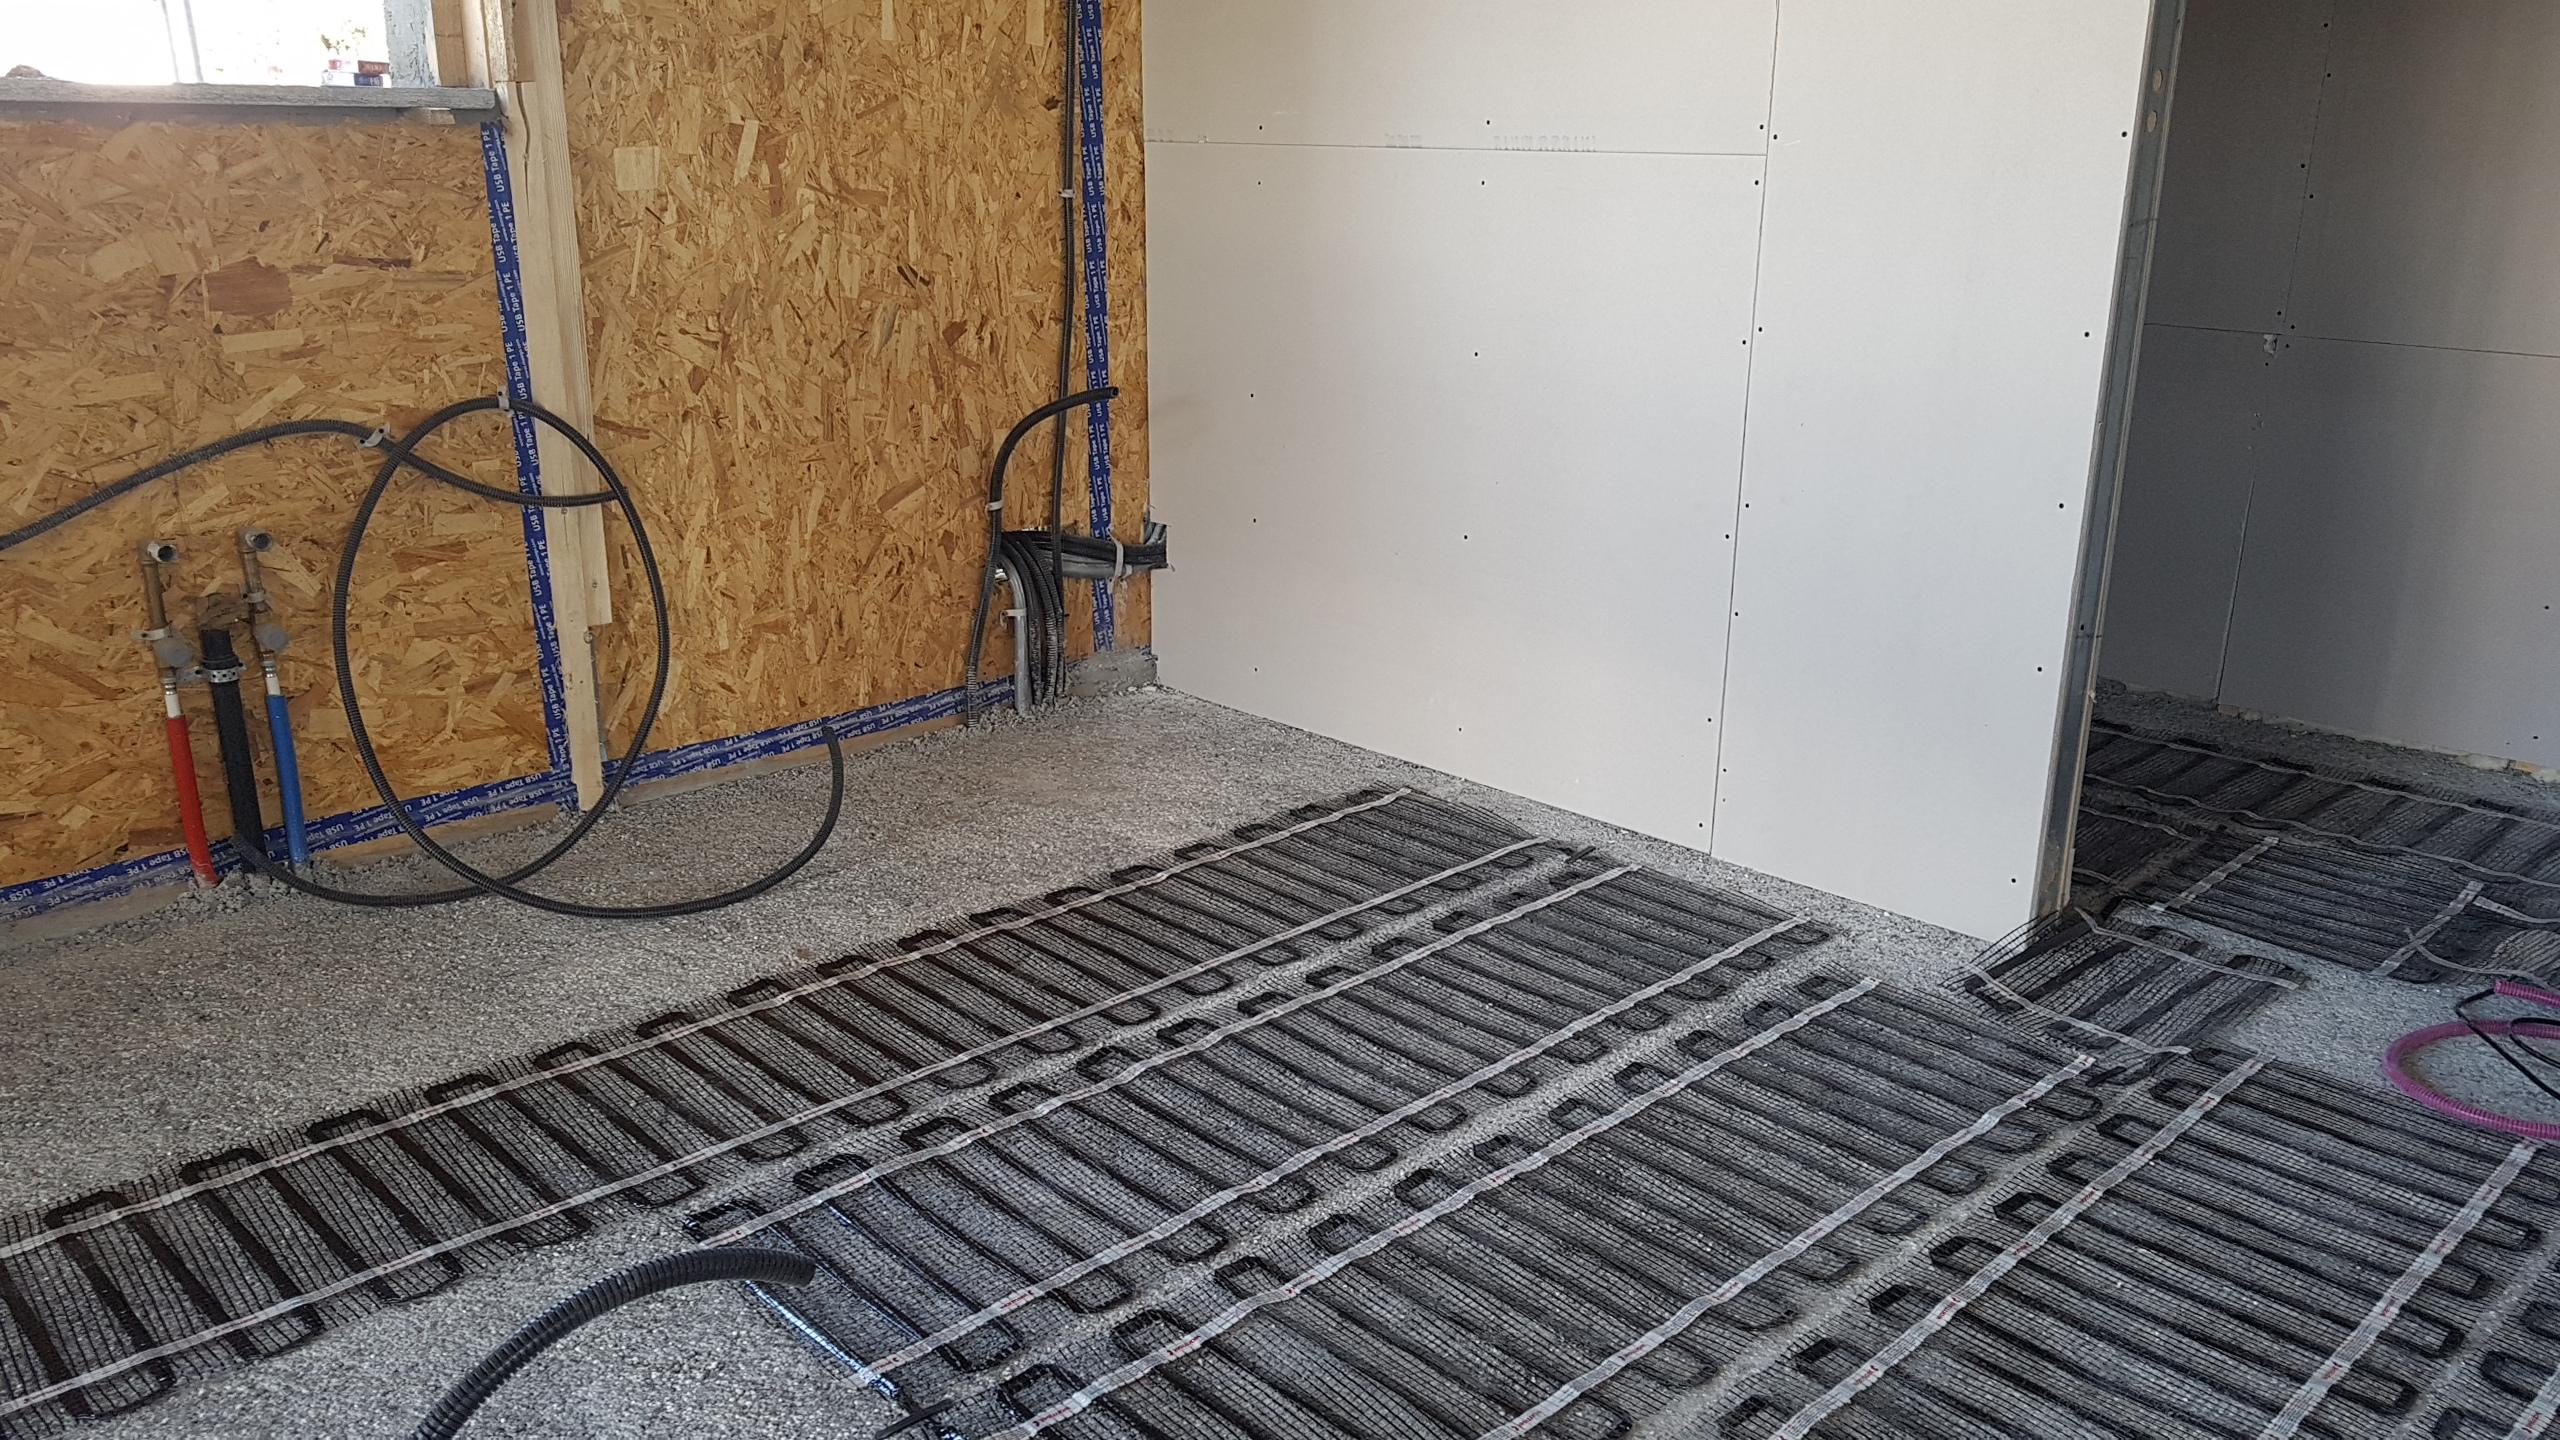 Quanto Costa Un Impianto Di Riscaldamento A Pavimento Al Mq impianto radiante per riscaldamento a pavimento: comfort